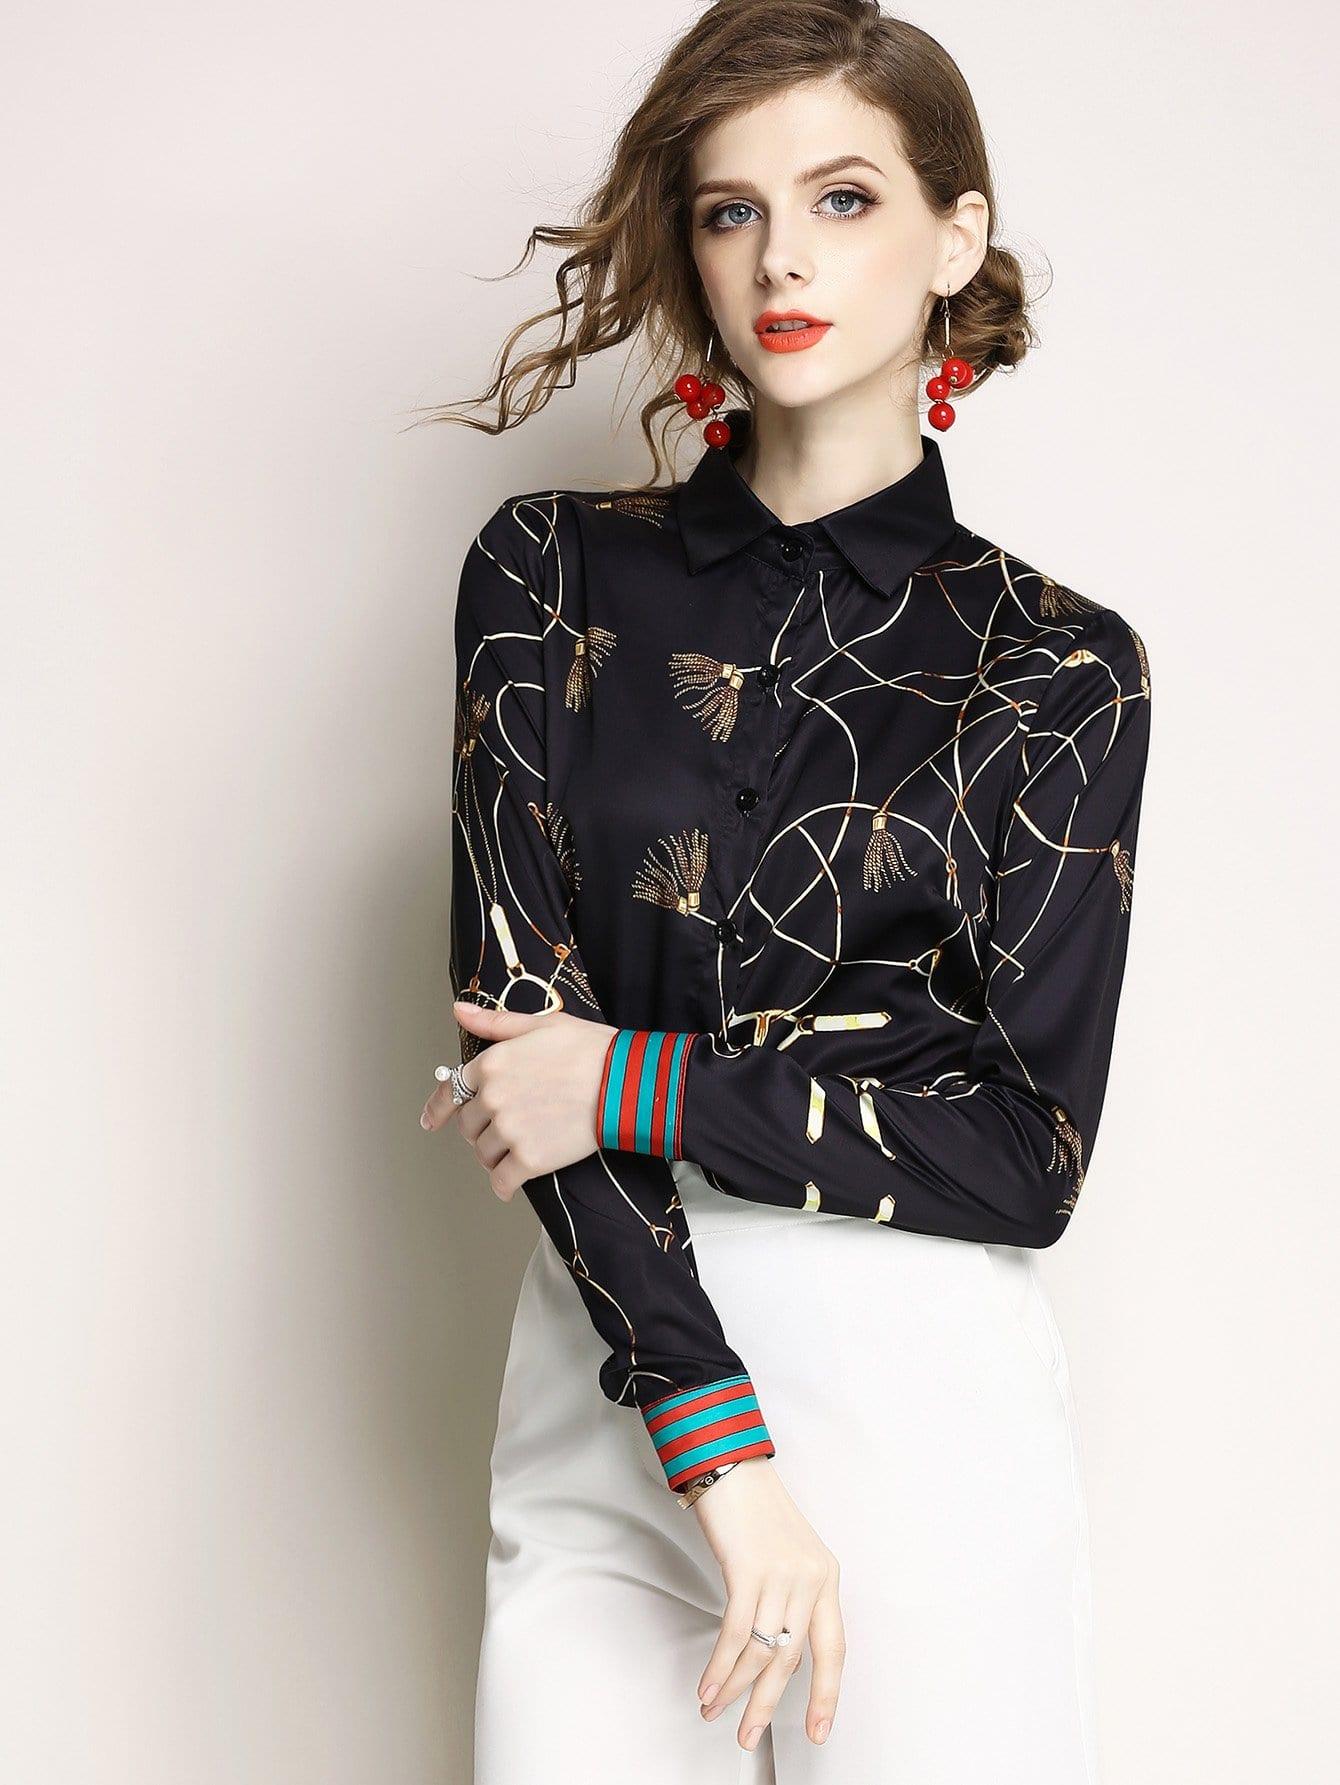 Купить Полосатая контрастная графическая печатная рубашка, null, SheIn